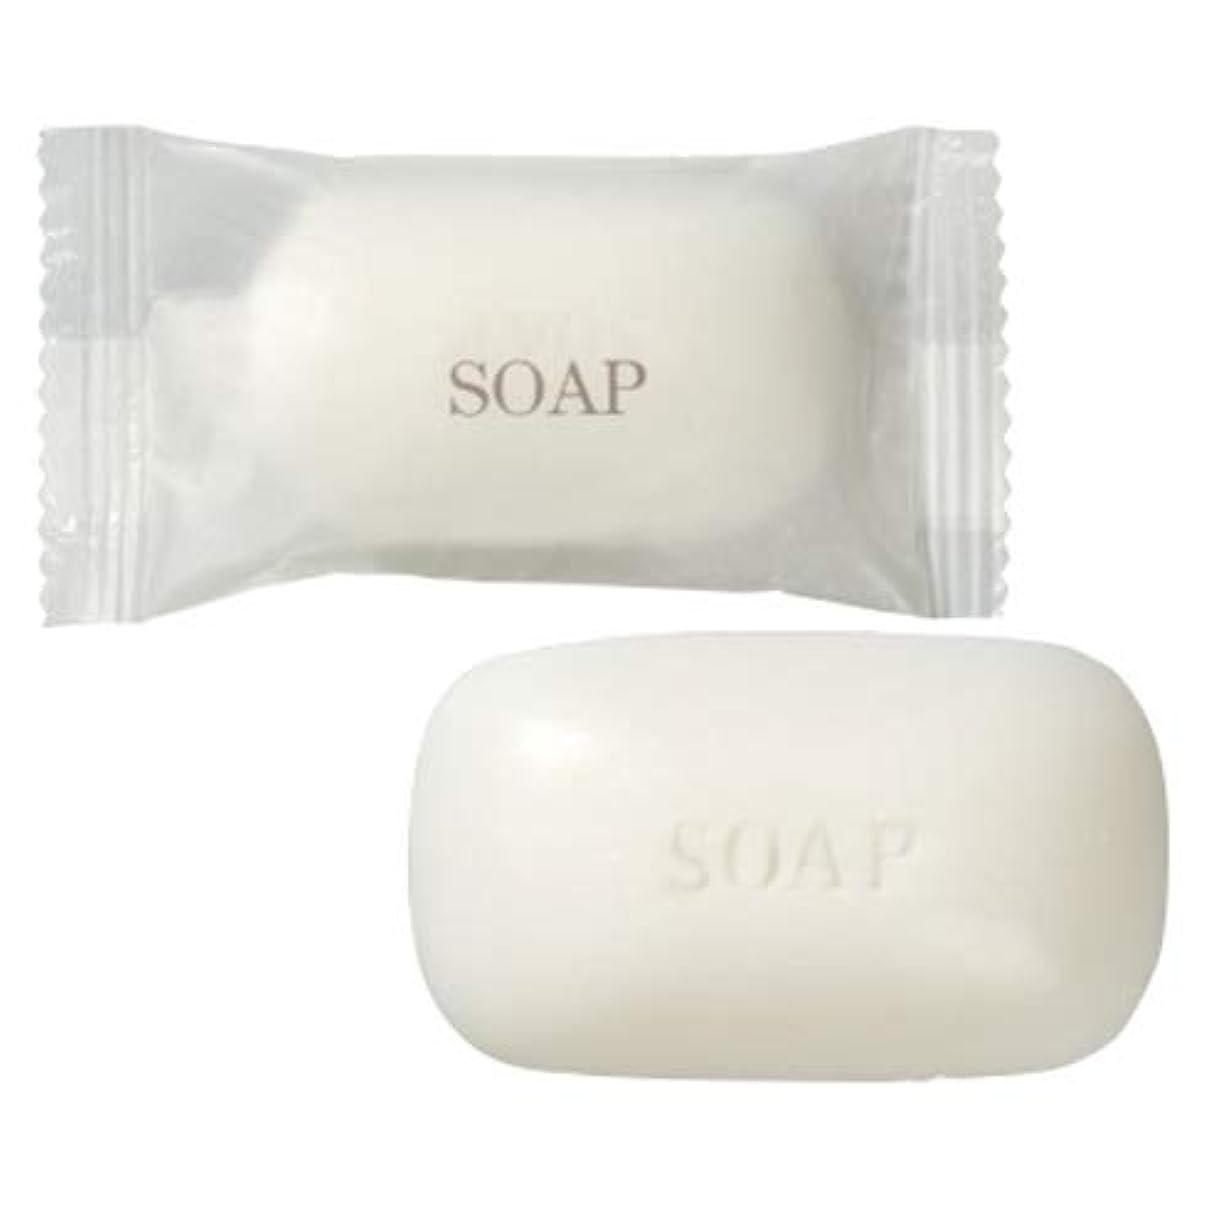 外交問題フロント囚人業務用 フィードソープ(FEED SOAP) マット袋(M袋) 15g ×10個 | ホテルアメニティ 個包装